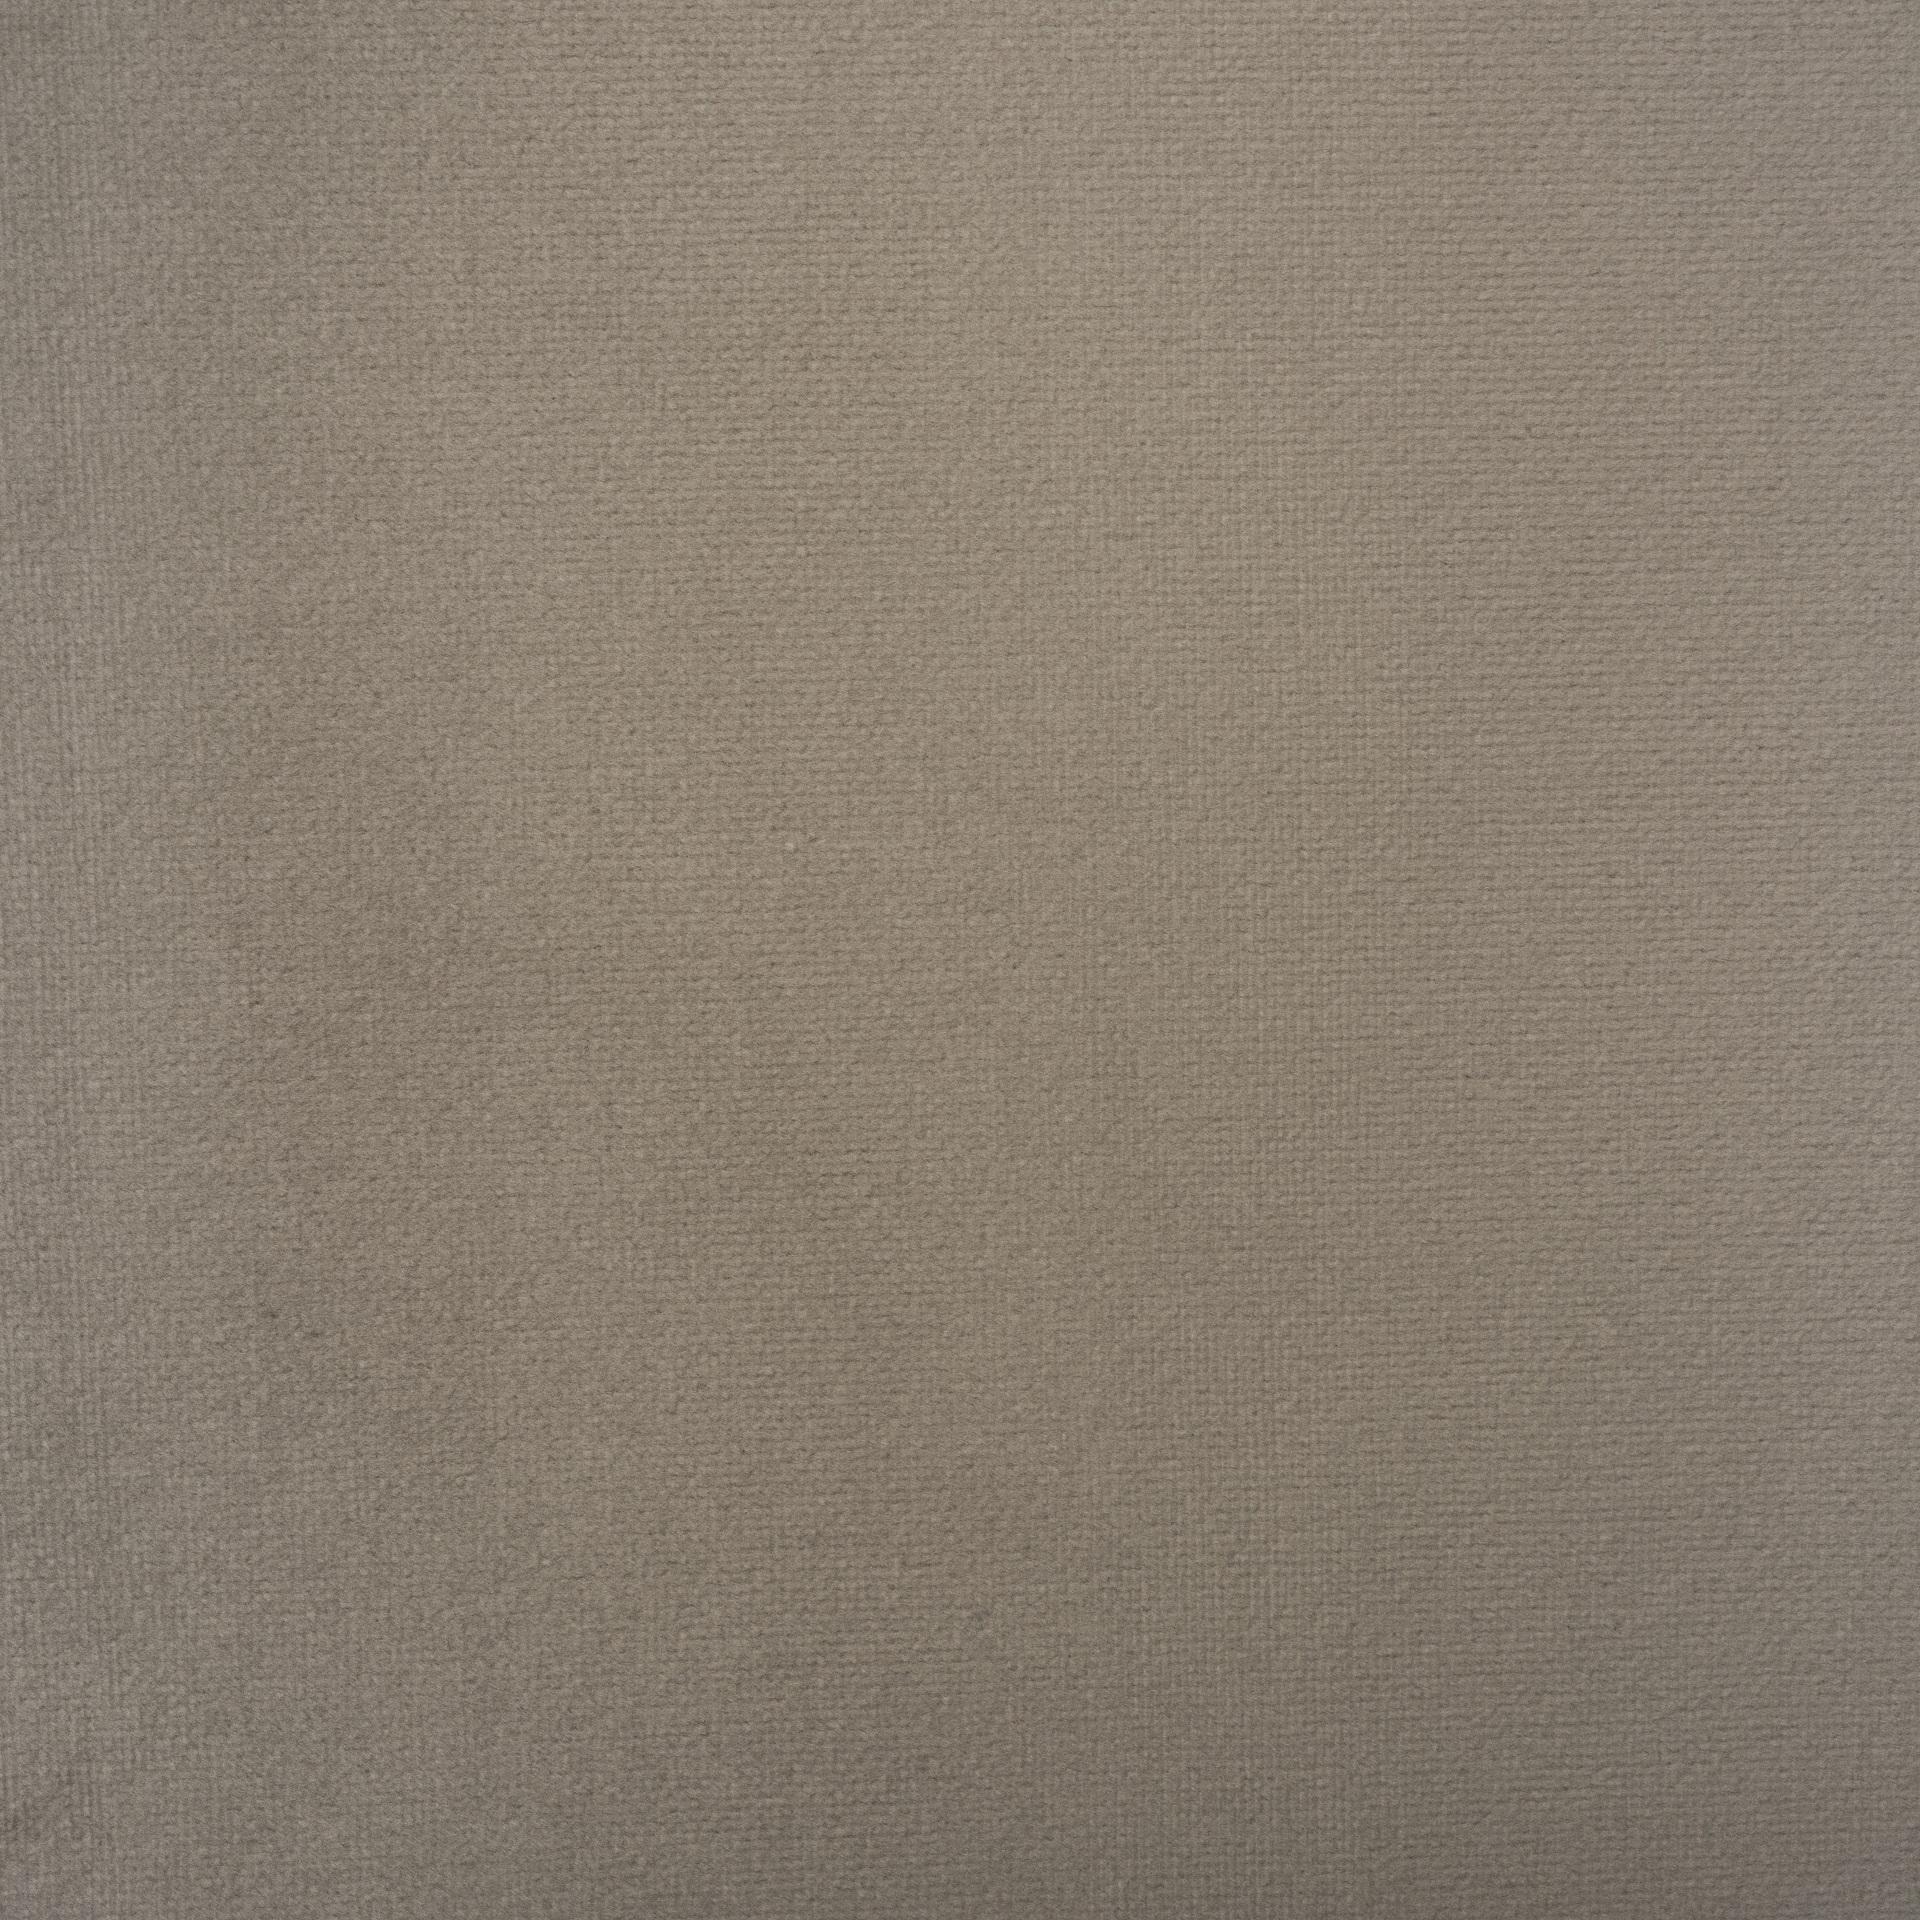 Коллекция ткани Багира 32 FEATHER GREY,  купить ткань Велюр для мебели Украина